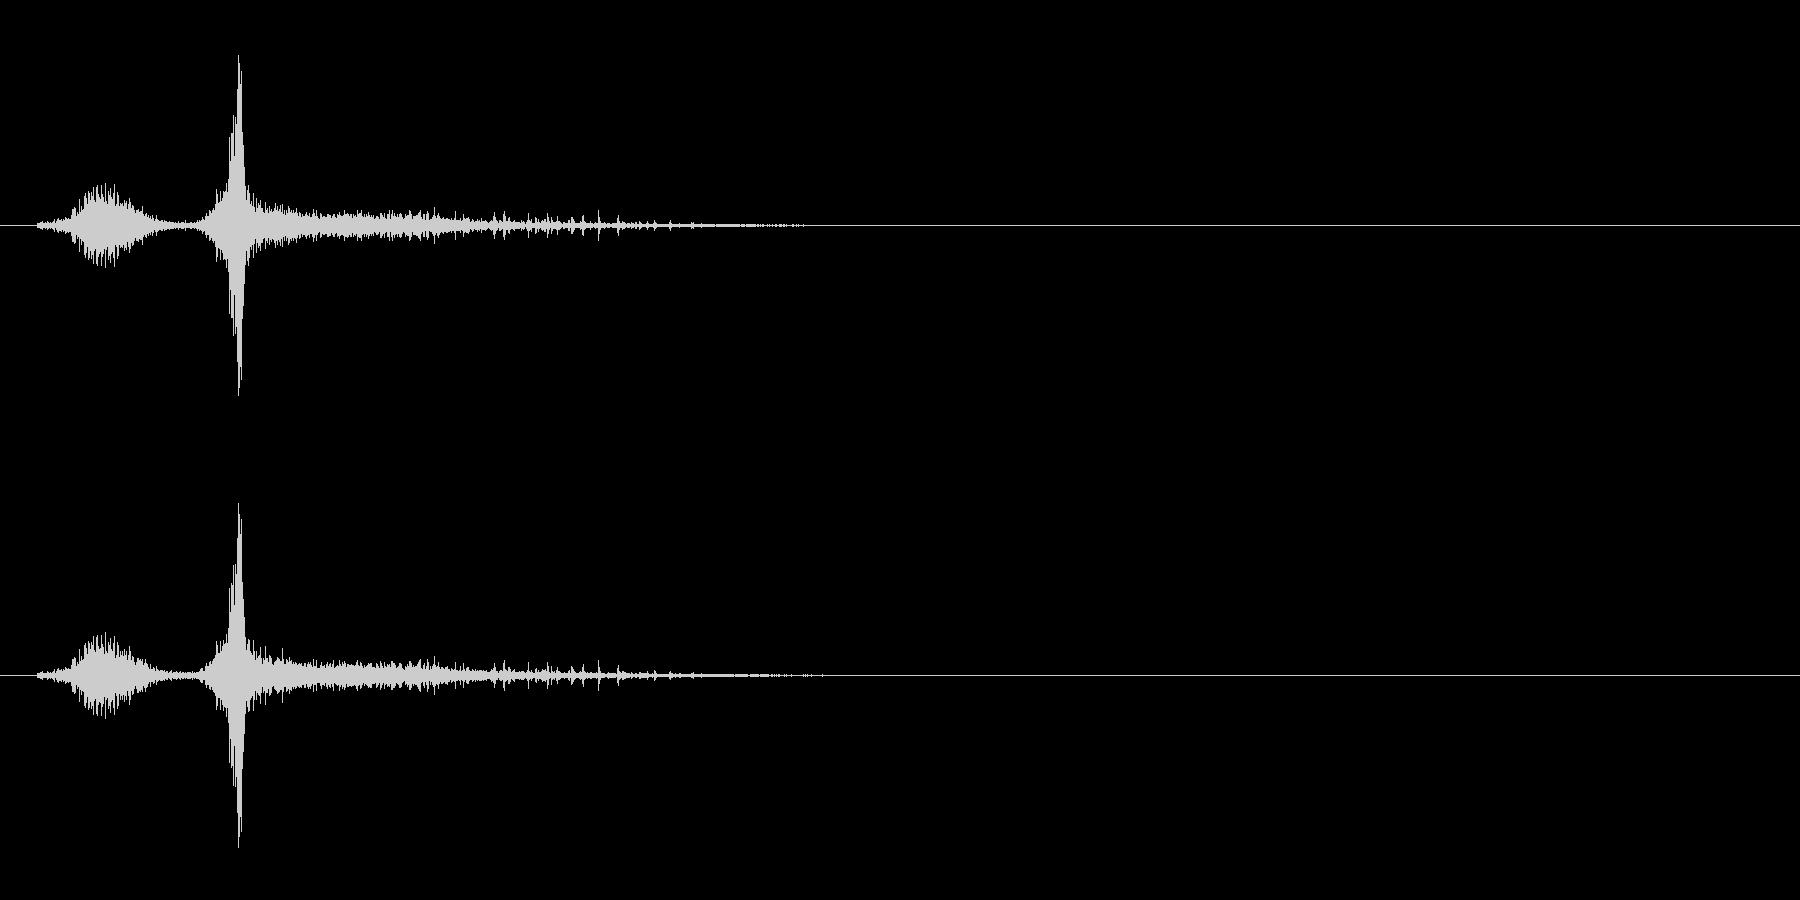 「スシャ〜!」木製シェイカーの振り音FXの未再生の波形